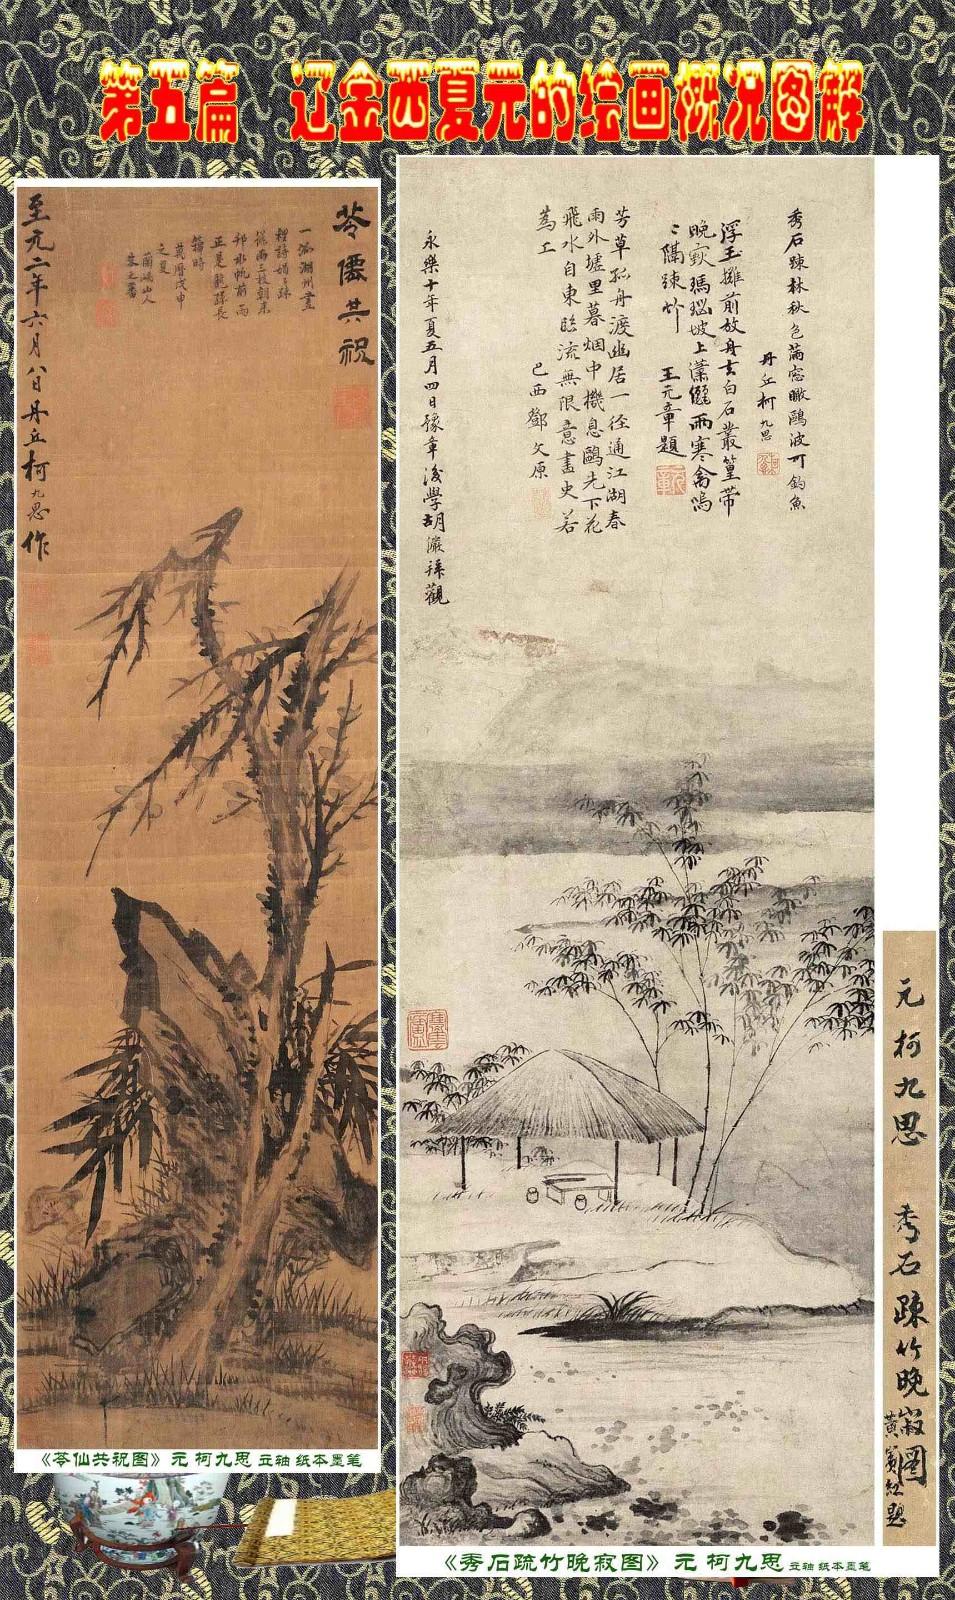 素有诗、书、画三绝之称的柯久思_图1-4